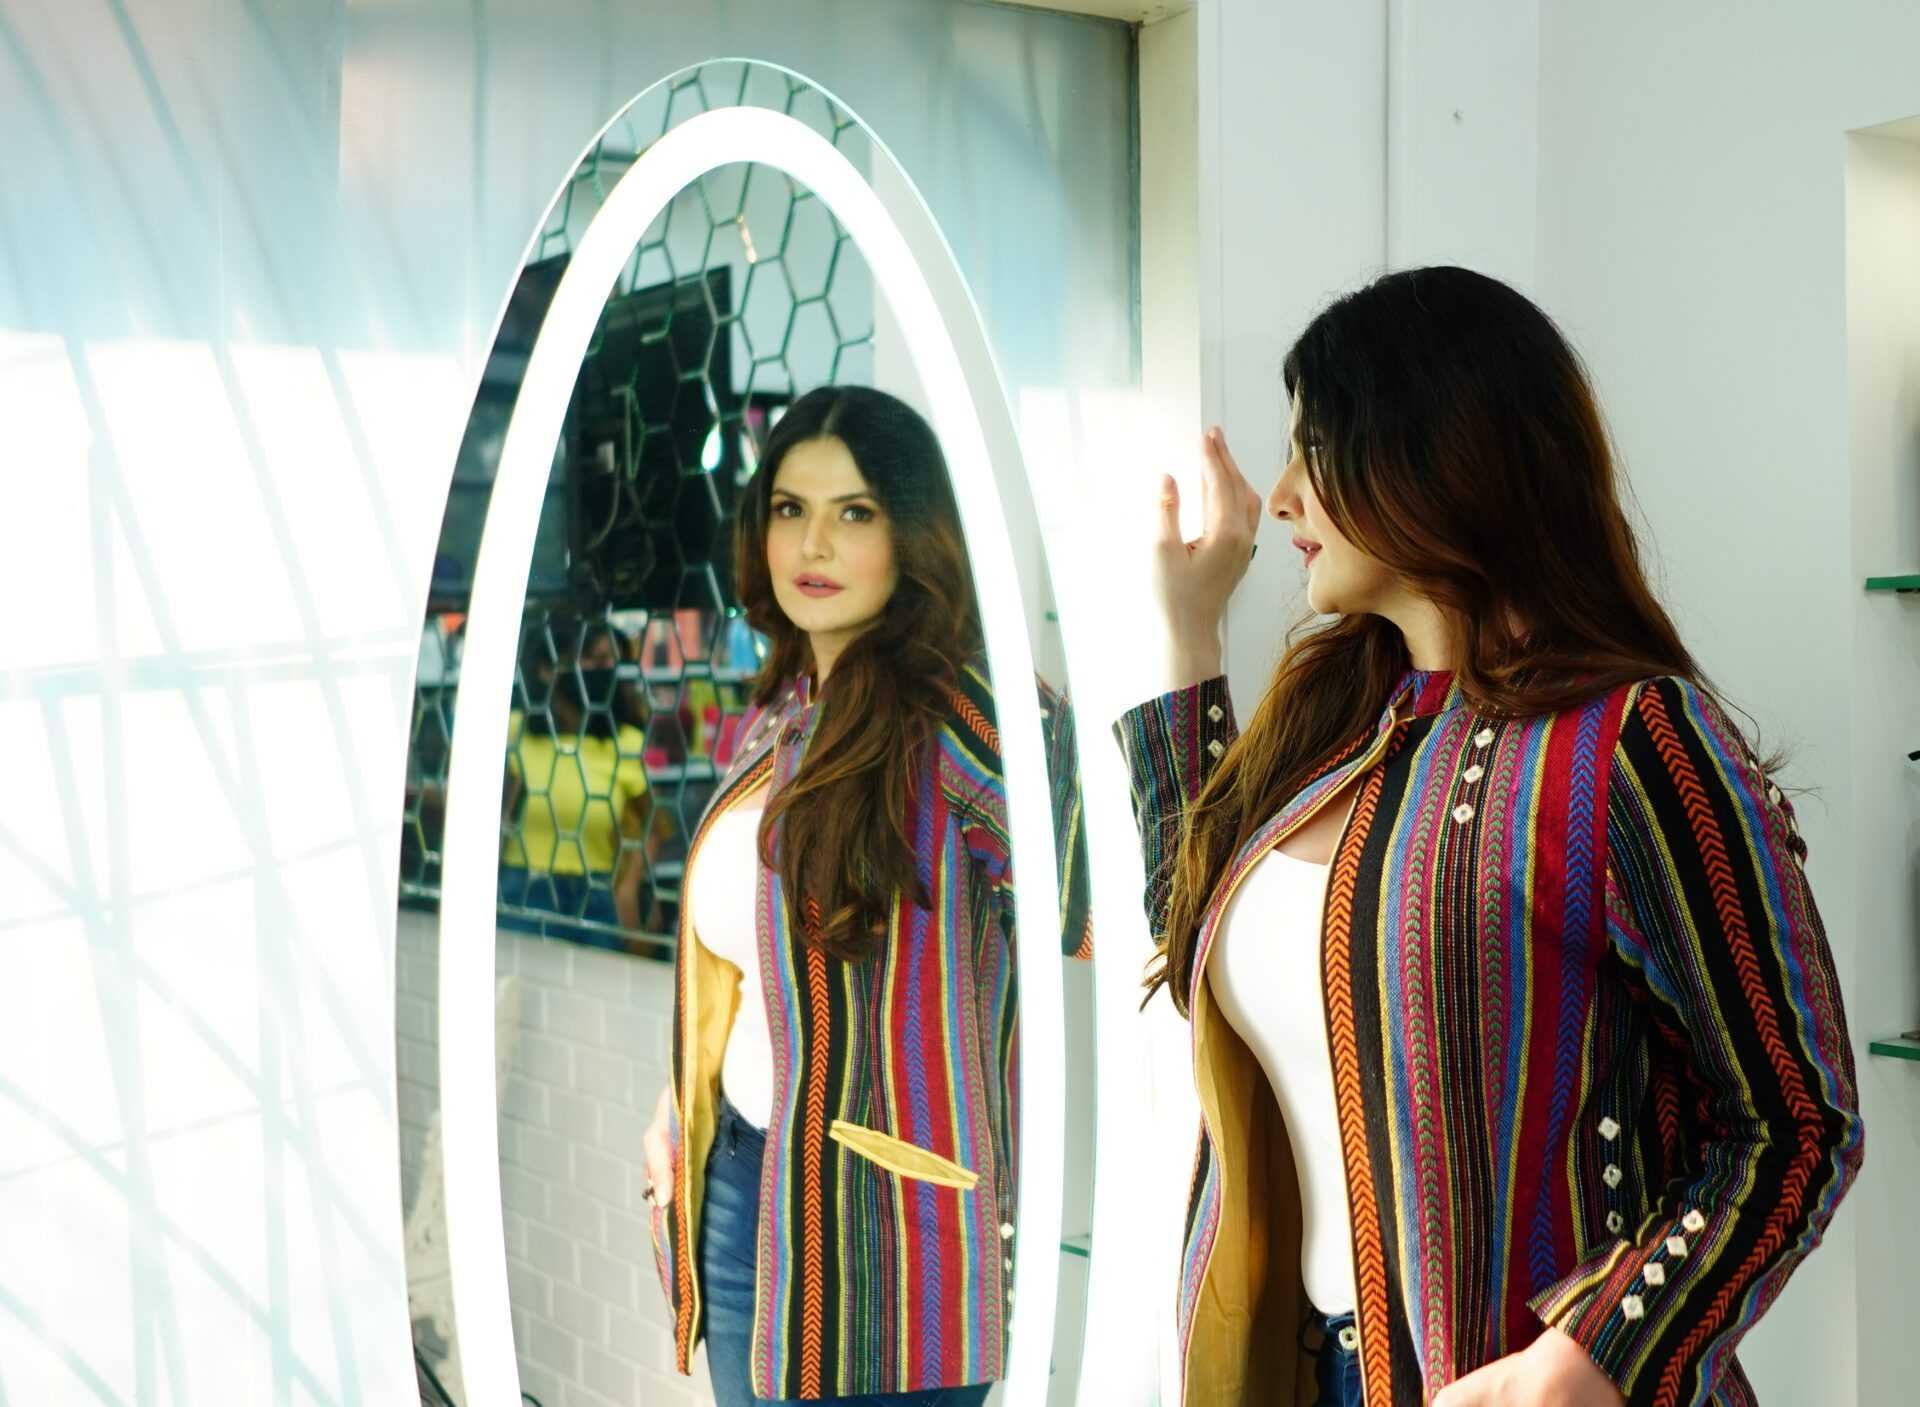 बॉलिवूड अभिनेत्री झरीन खानने फेमिना फ्लाँट स्टुडिओ सलून केले लाँच